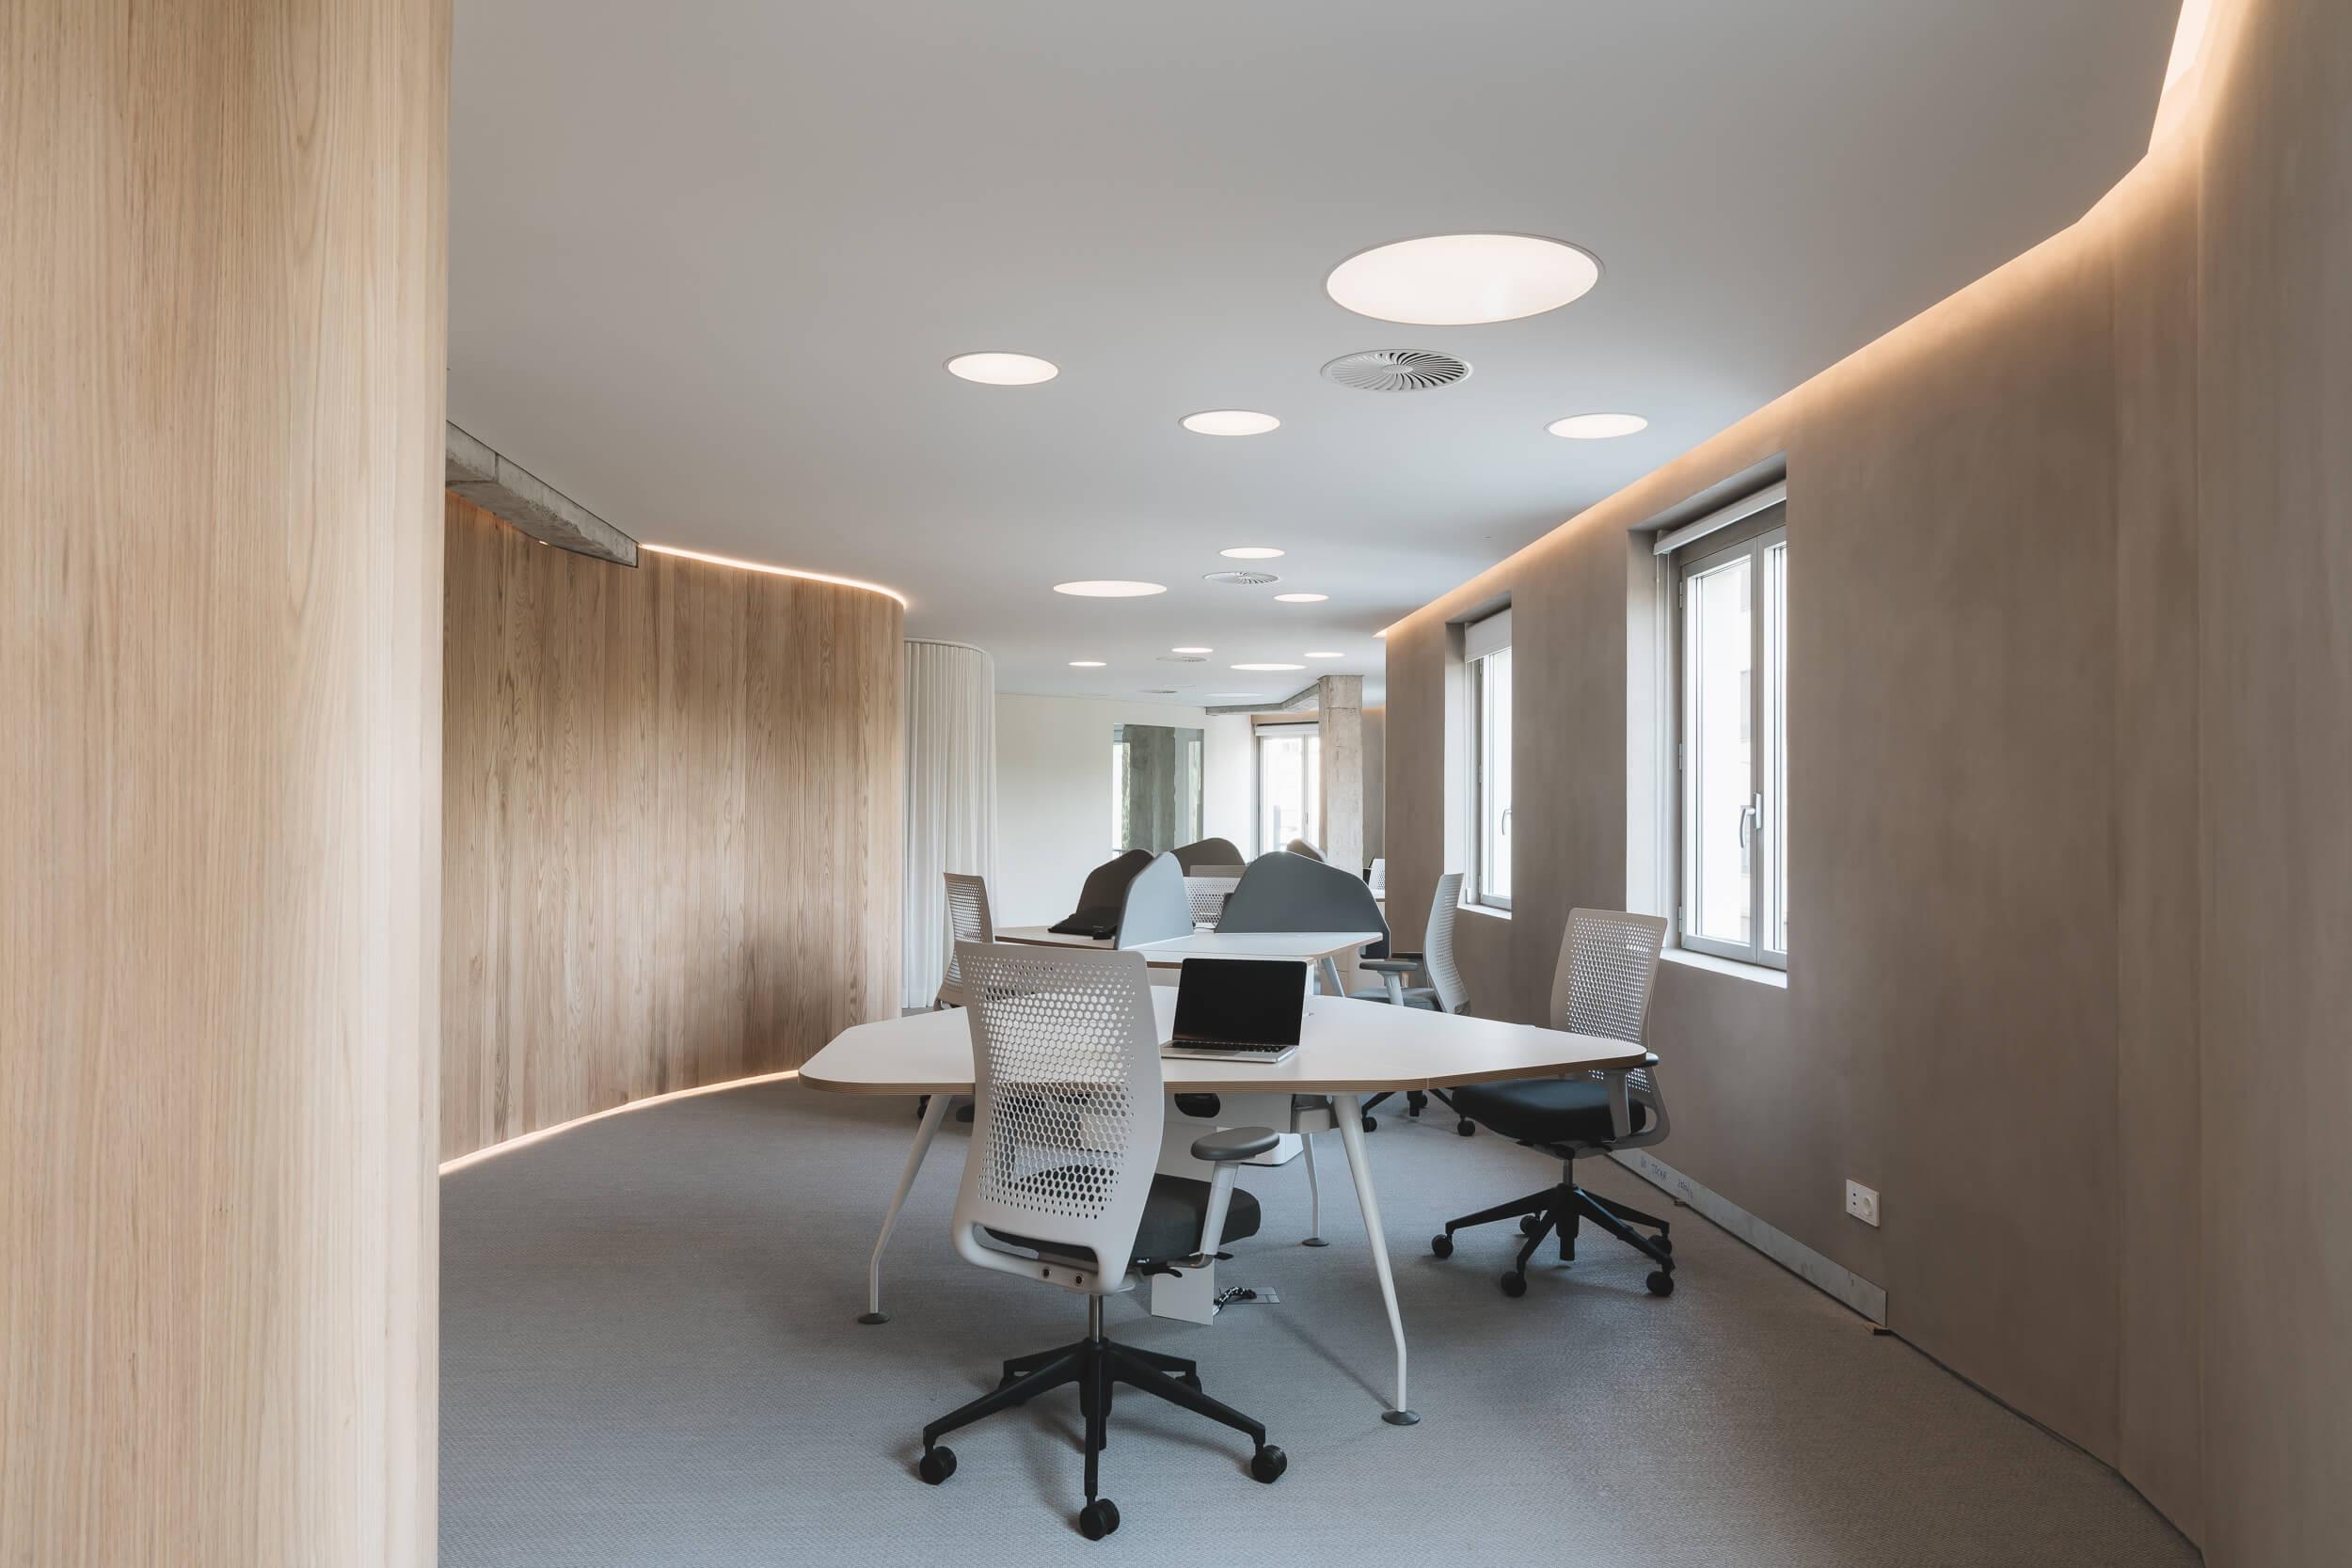 Oficinas modernas y dinámicas